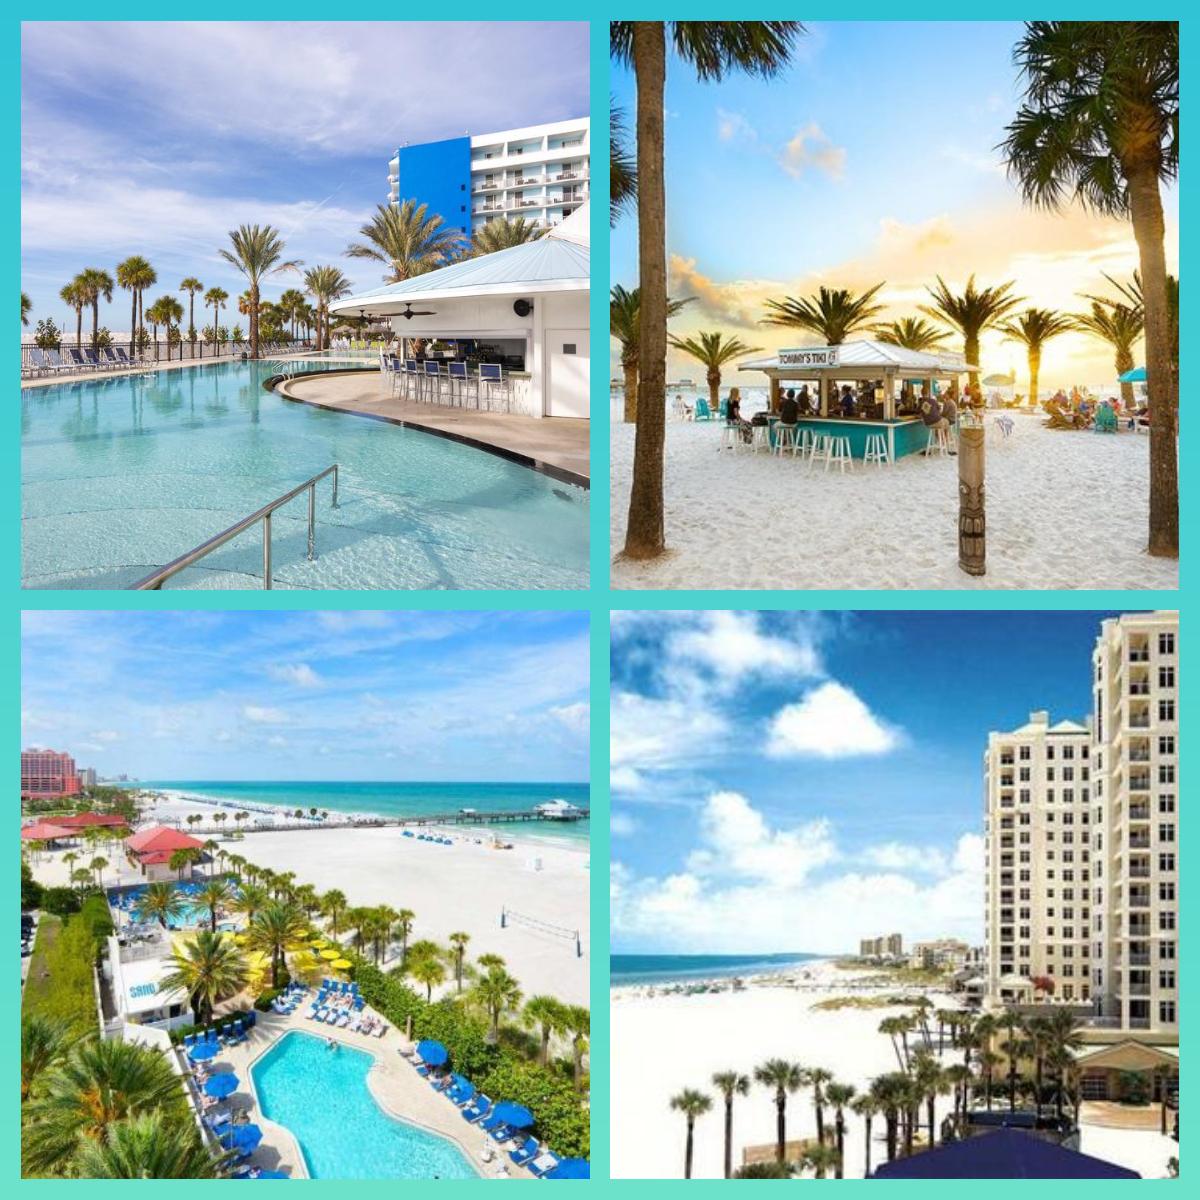 Hilton Beach - Clearwater, FL